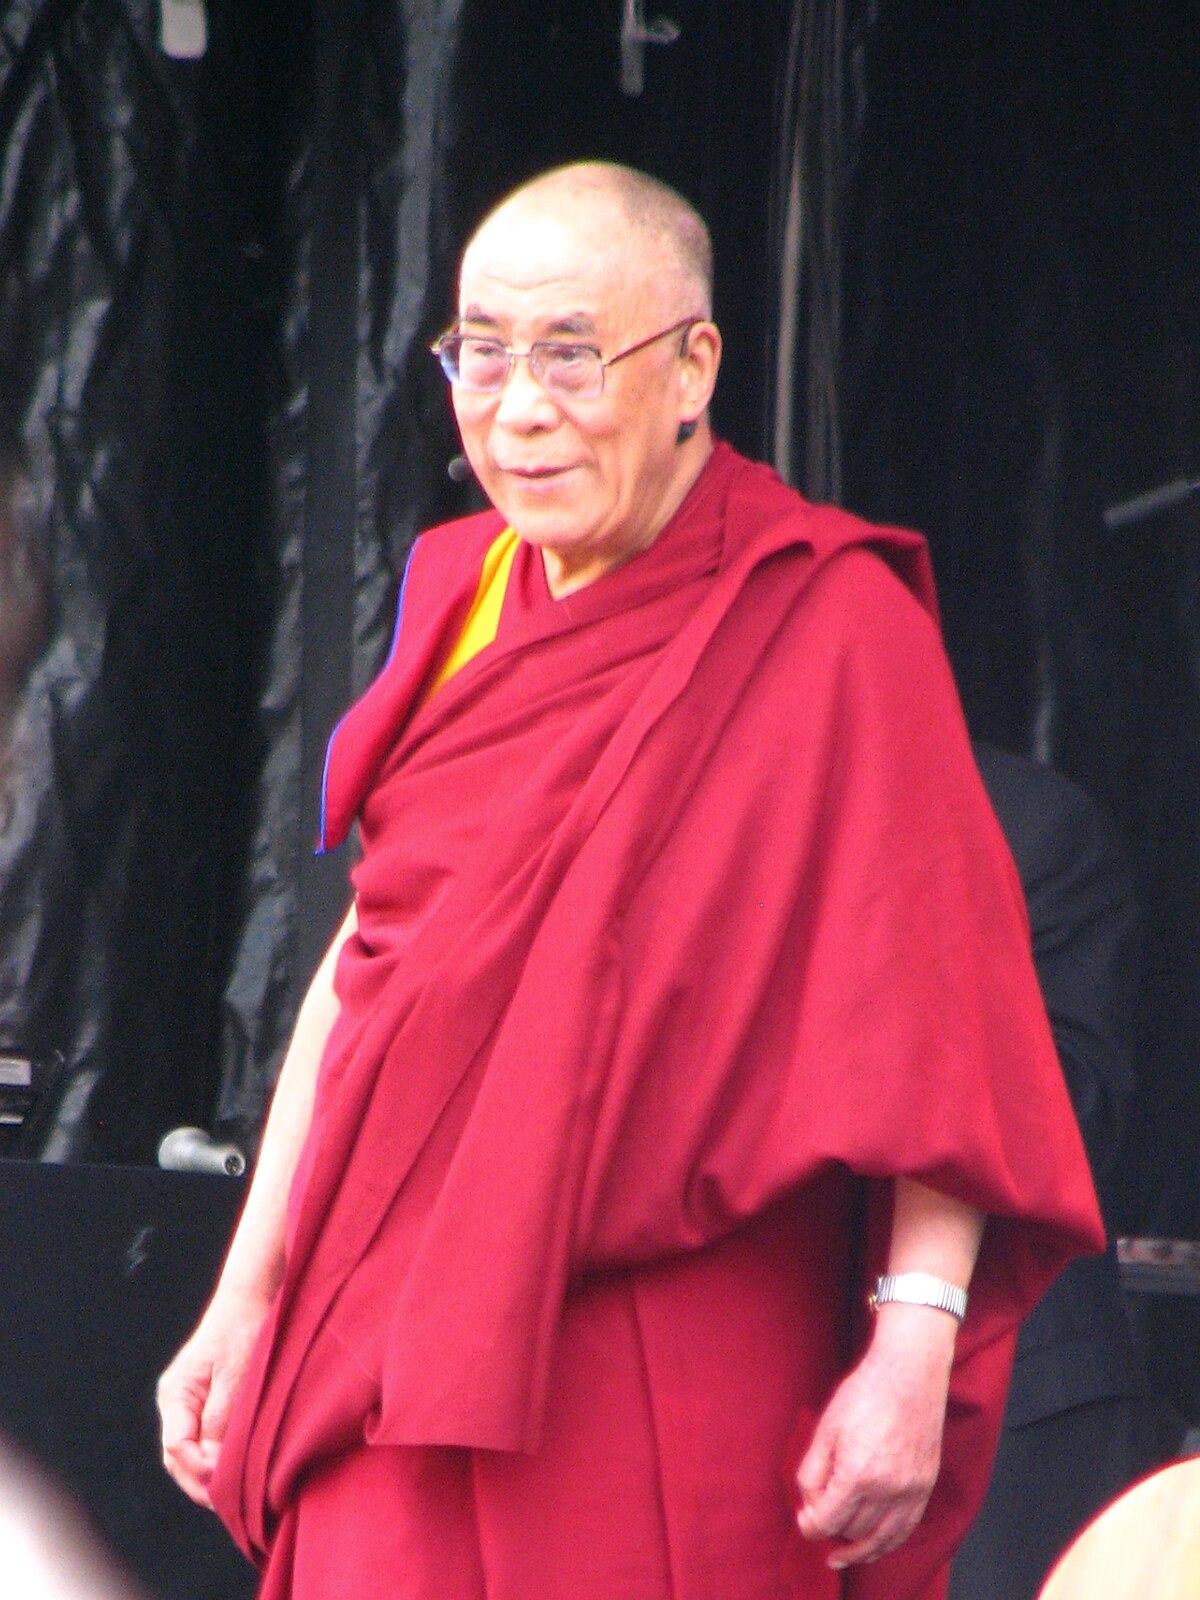 Dalaj Lama — Википедија сРободна енцикРопедија